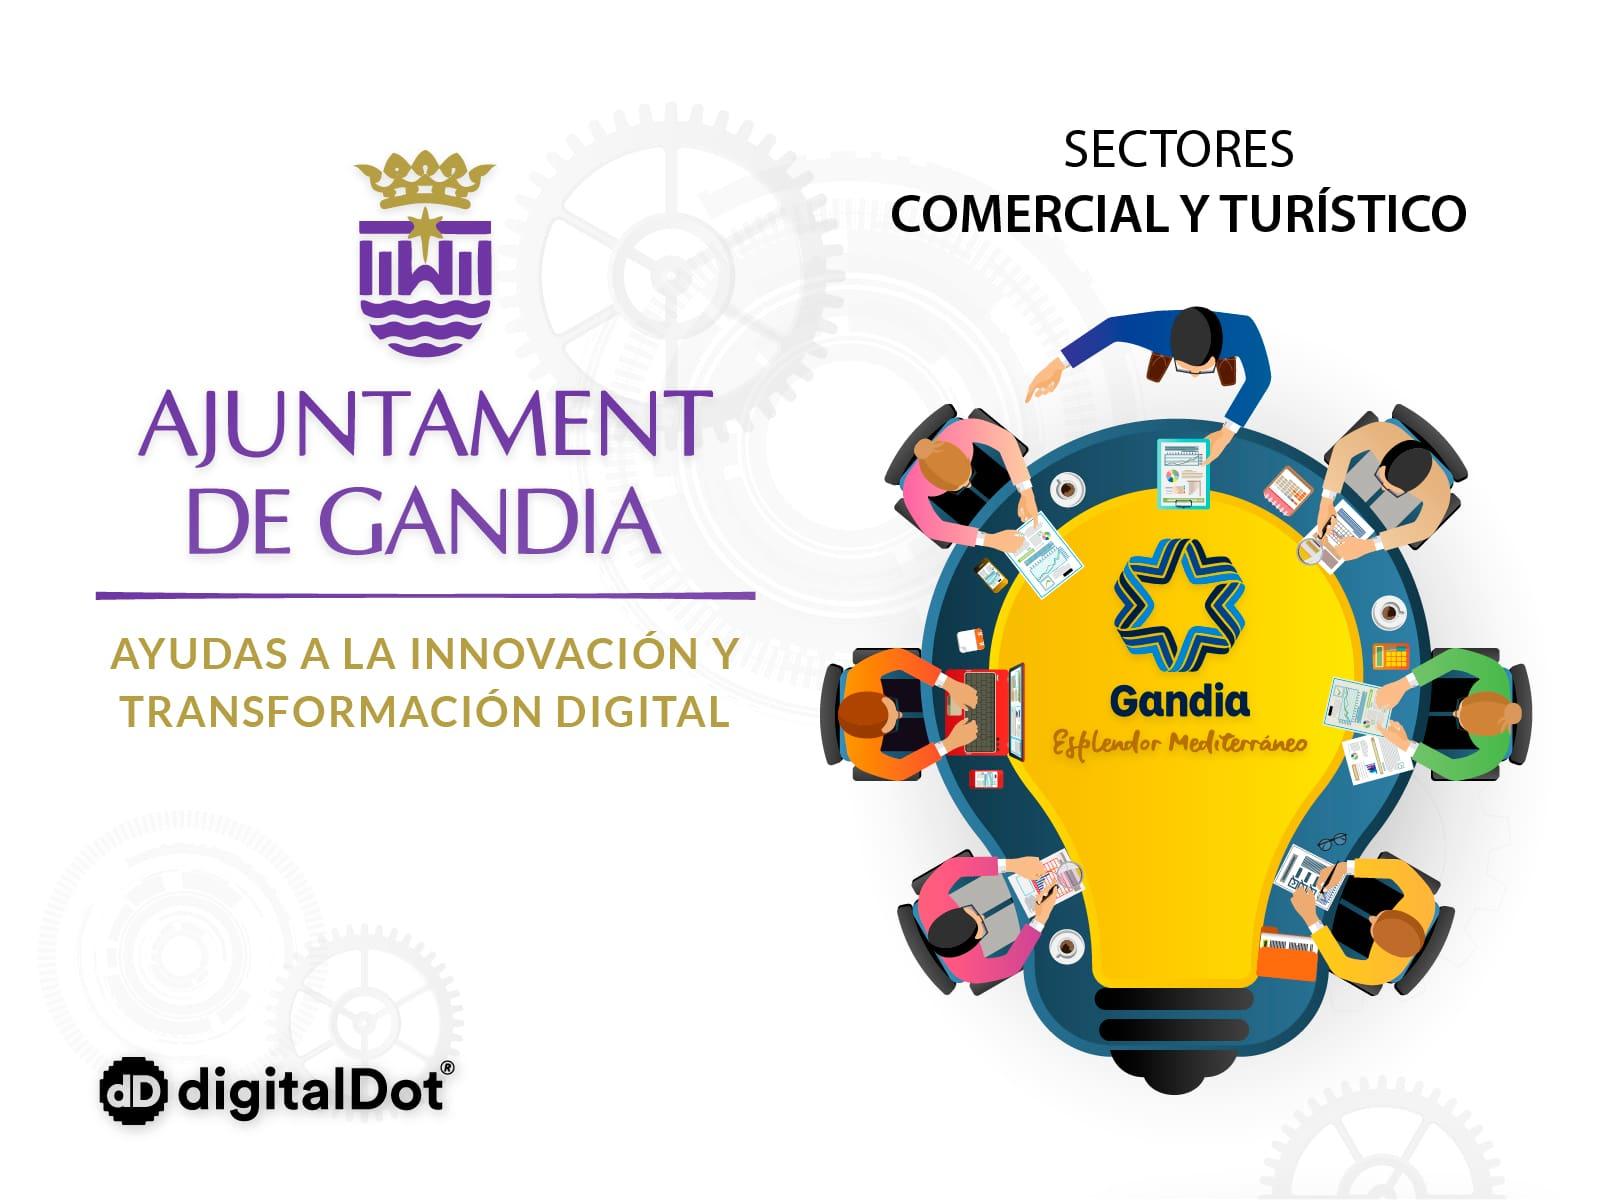 Ayudas a empresas para la transformación digital